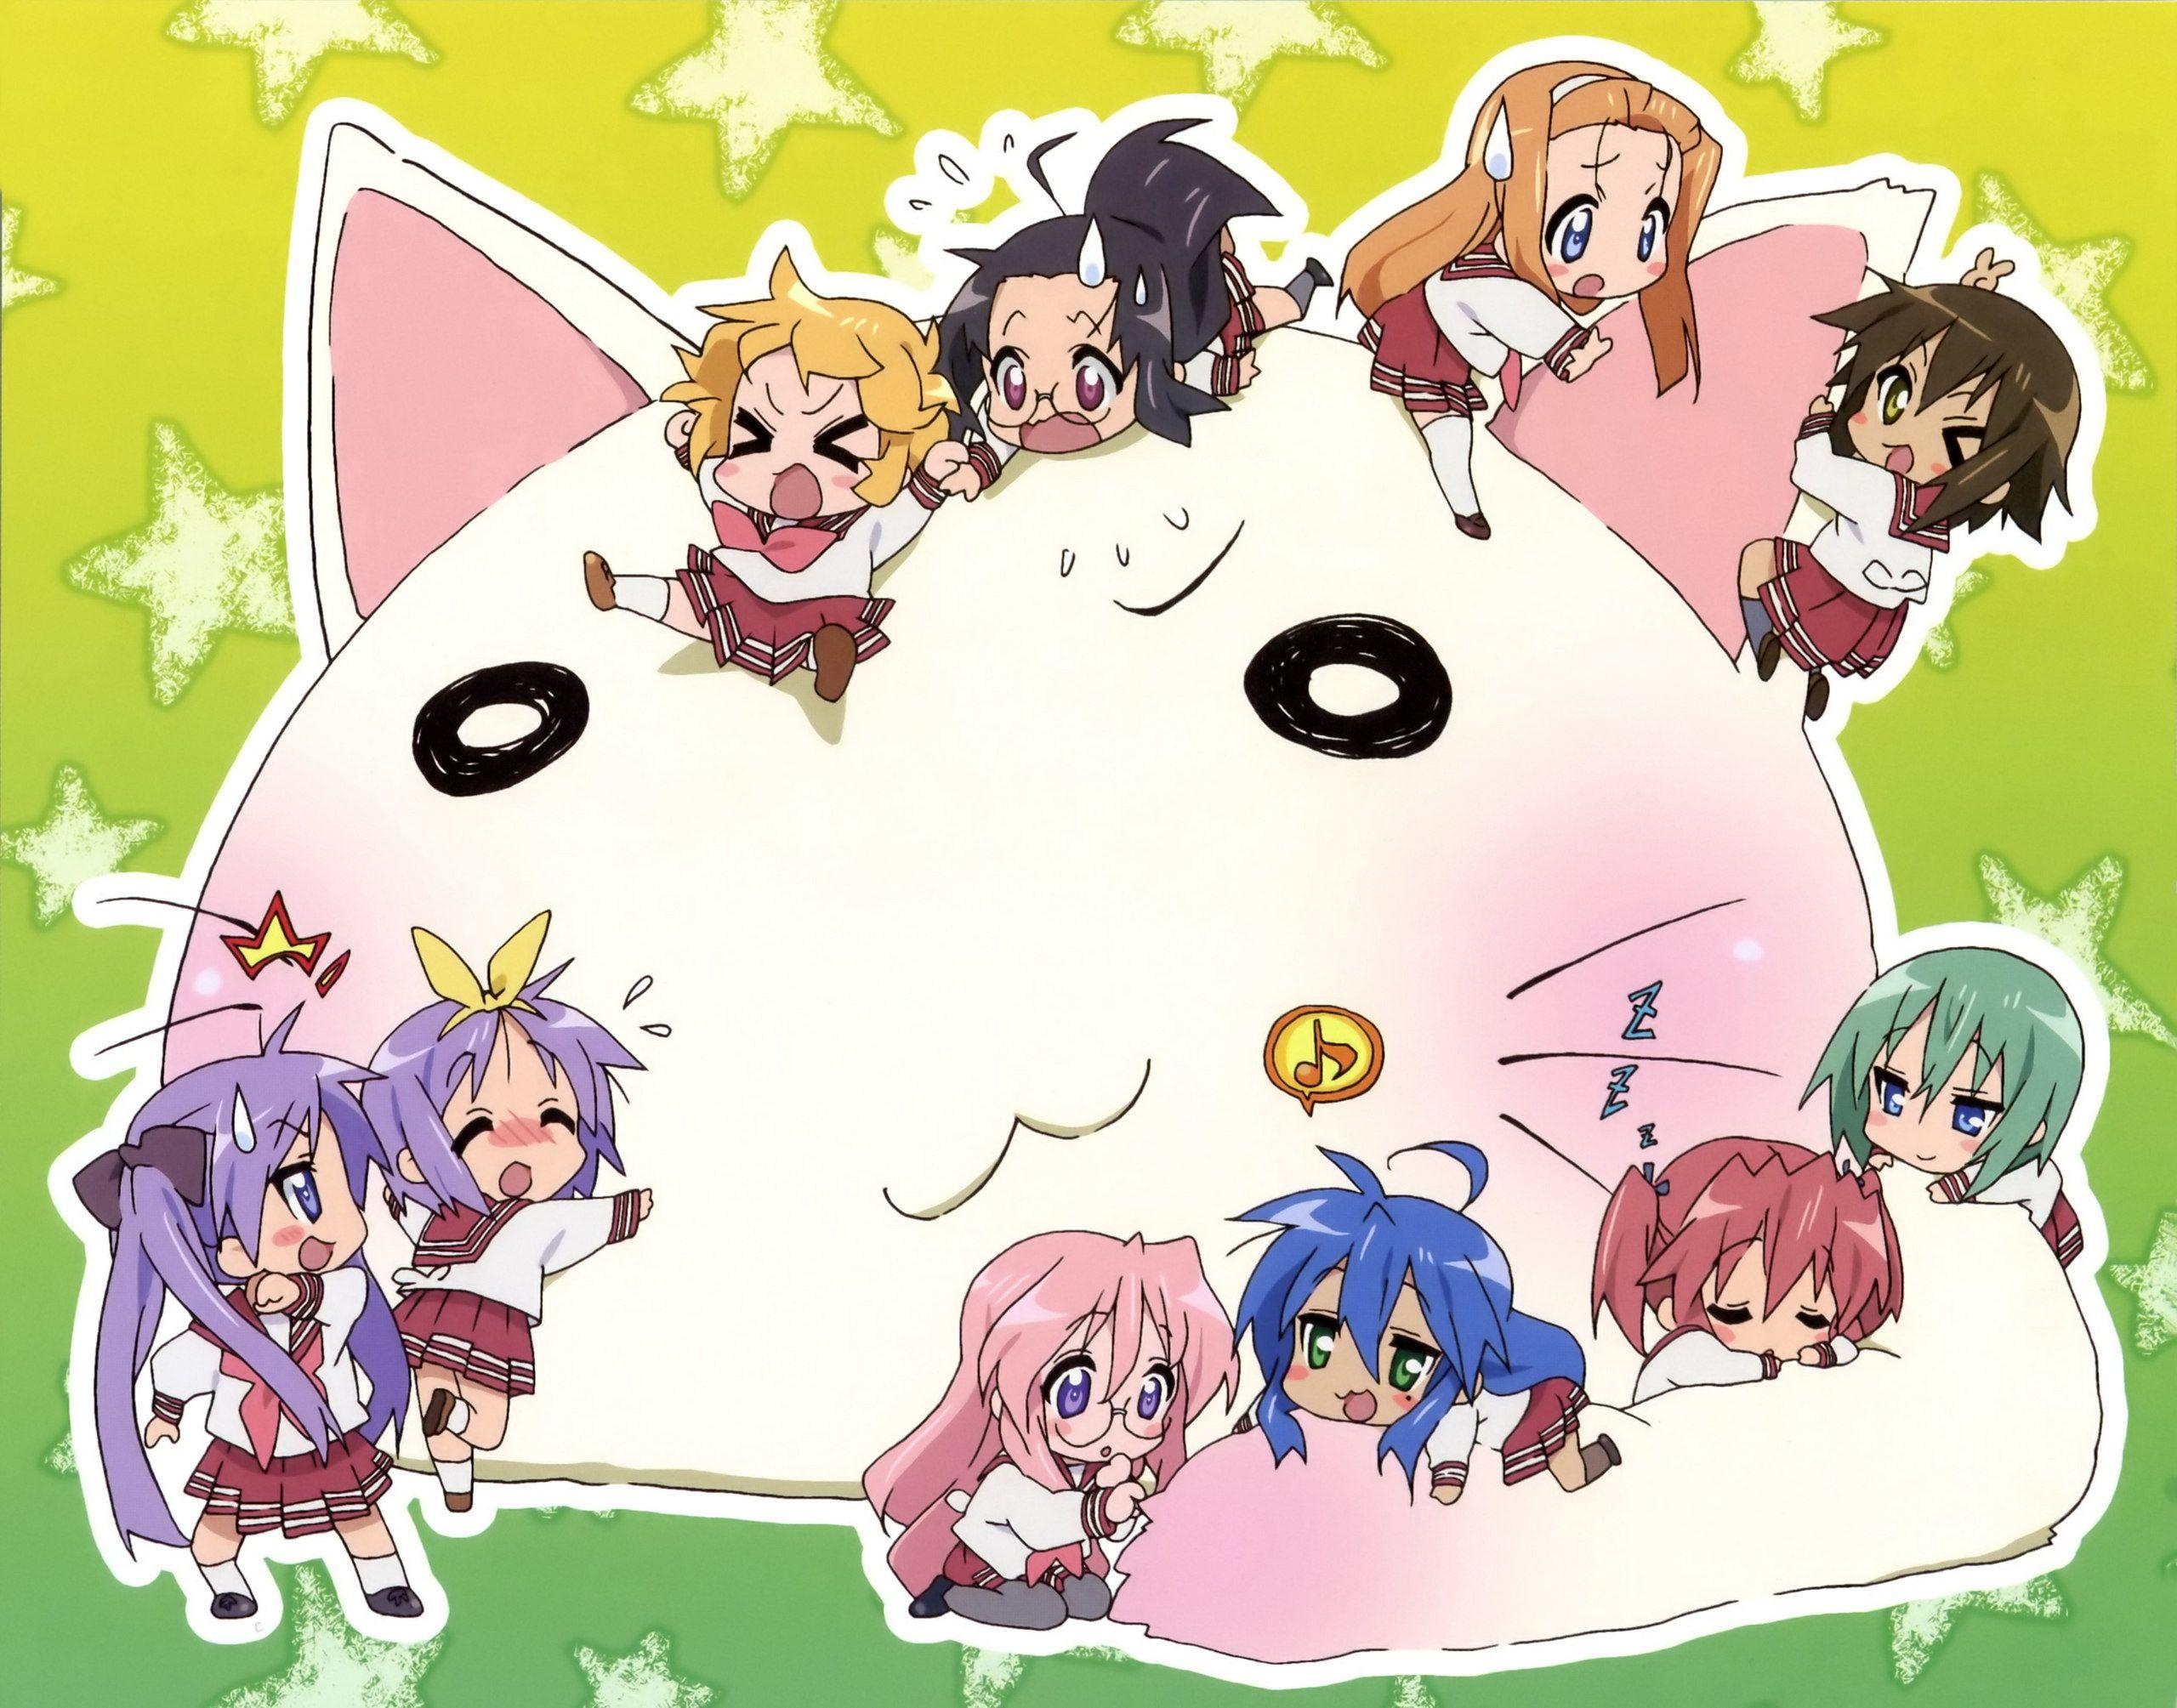 Kawaii luck star anime girls wallpaper animes anime